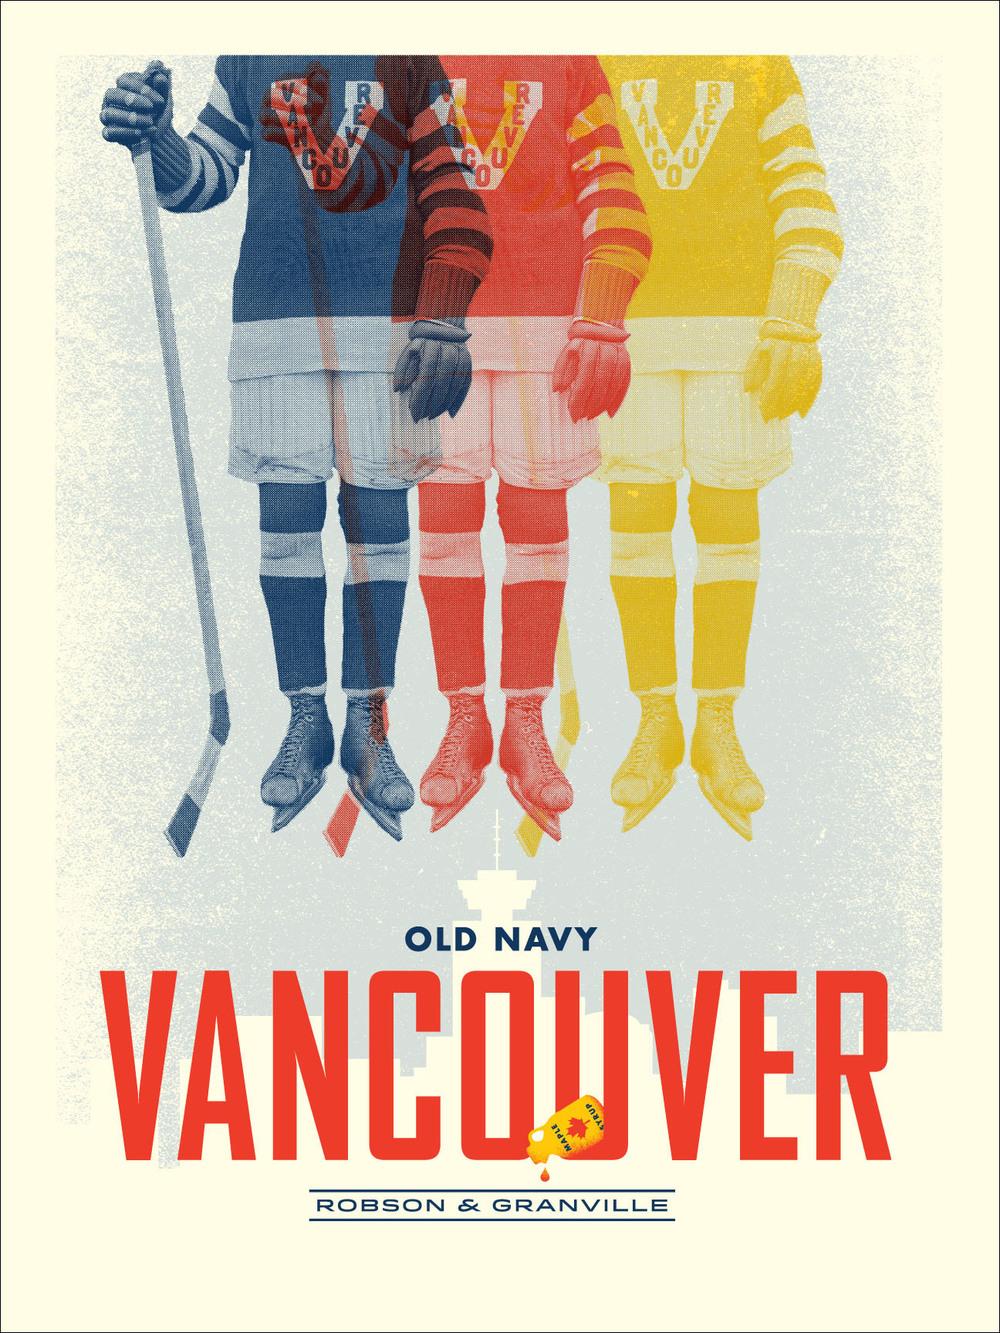 AAOldNavy-Vancouver-1-24-14